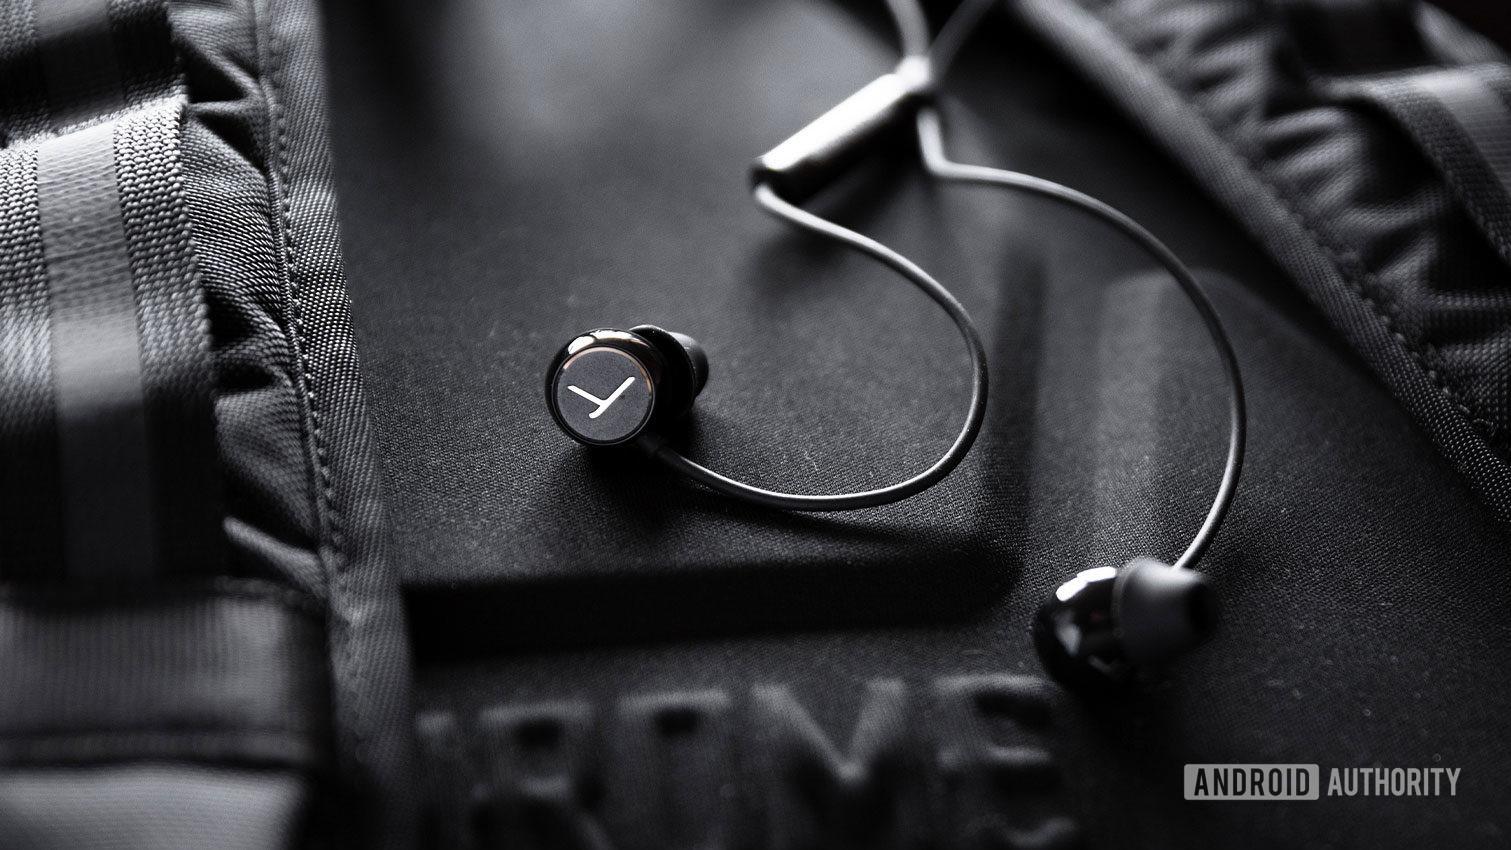 The Beyerdynamic Soul Byrd wired earphones in black against a black backpack.